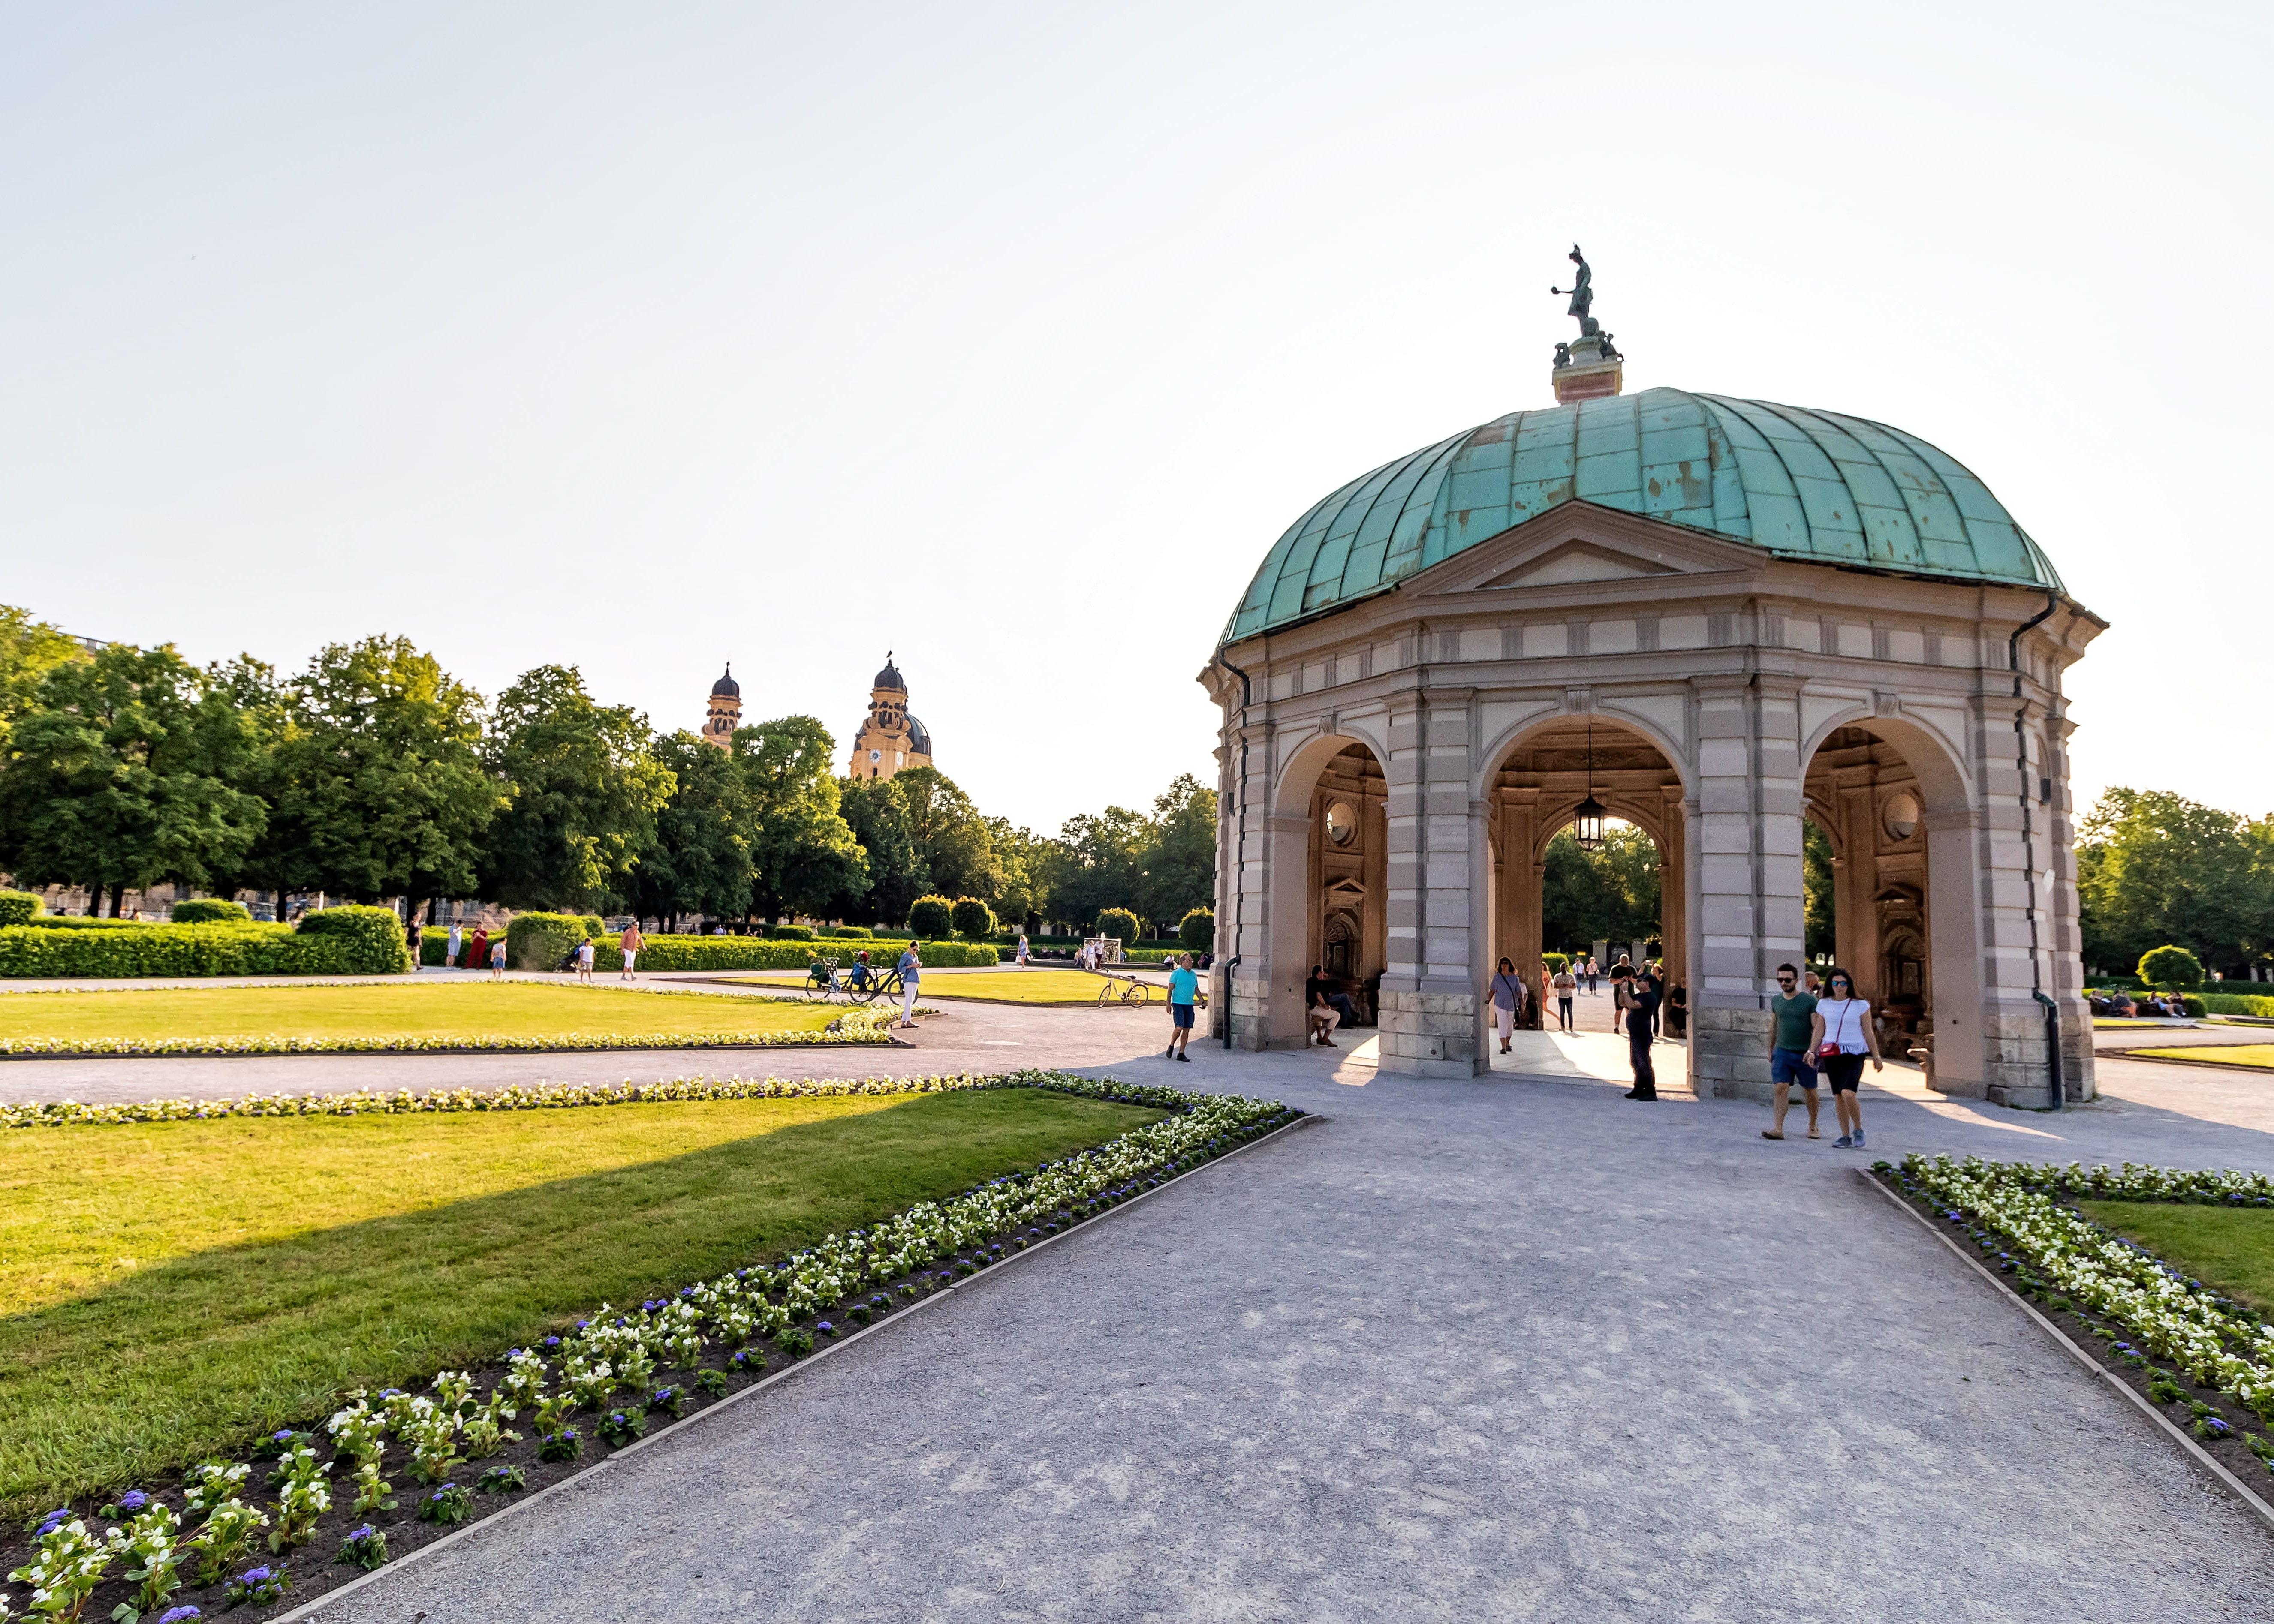 Munchen-Hofgarten